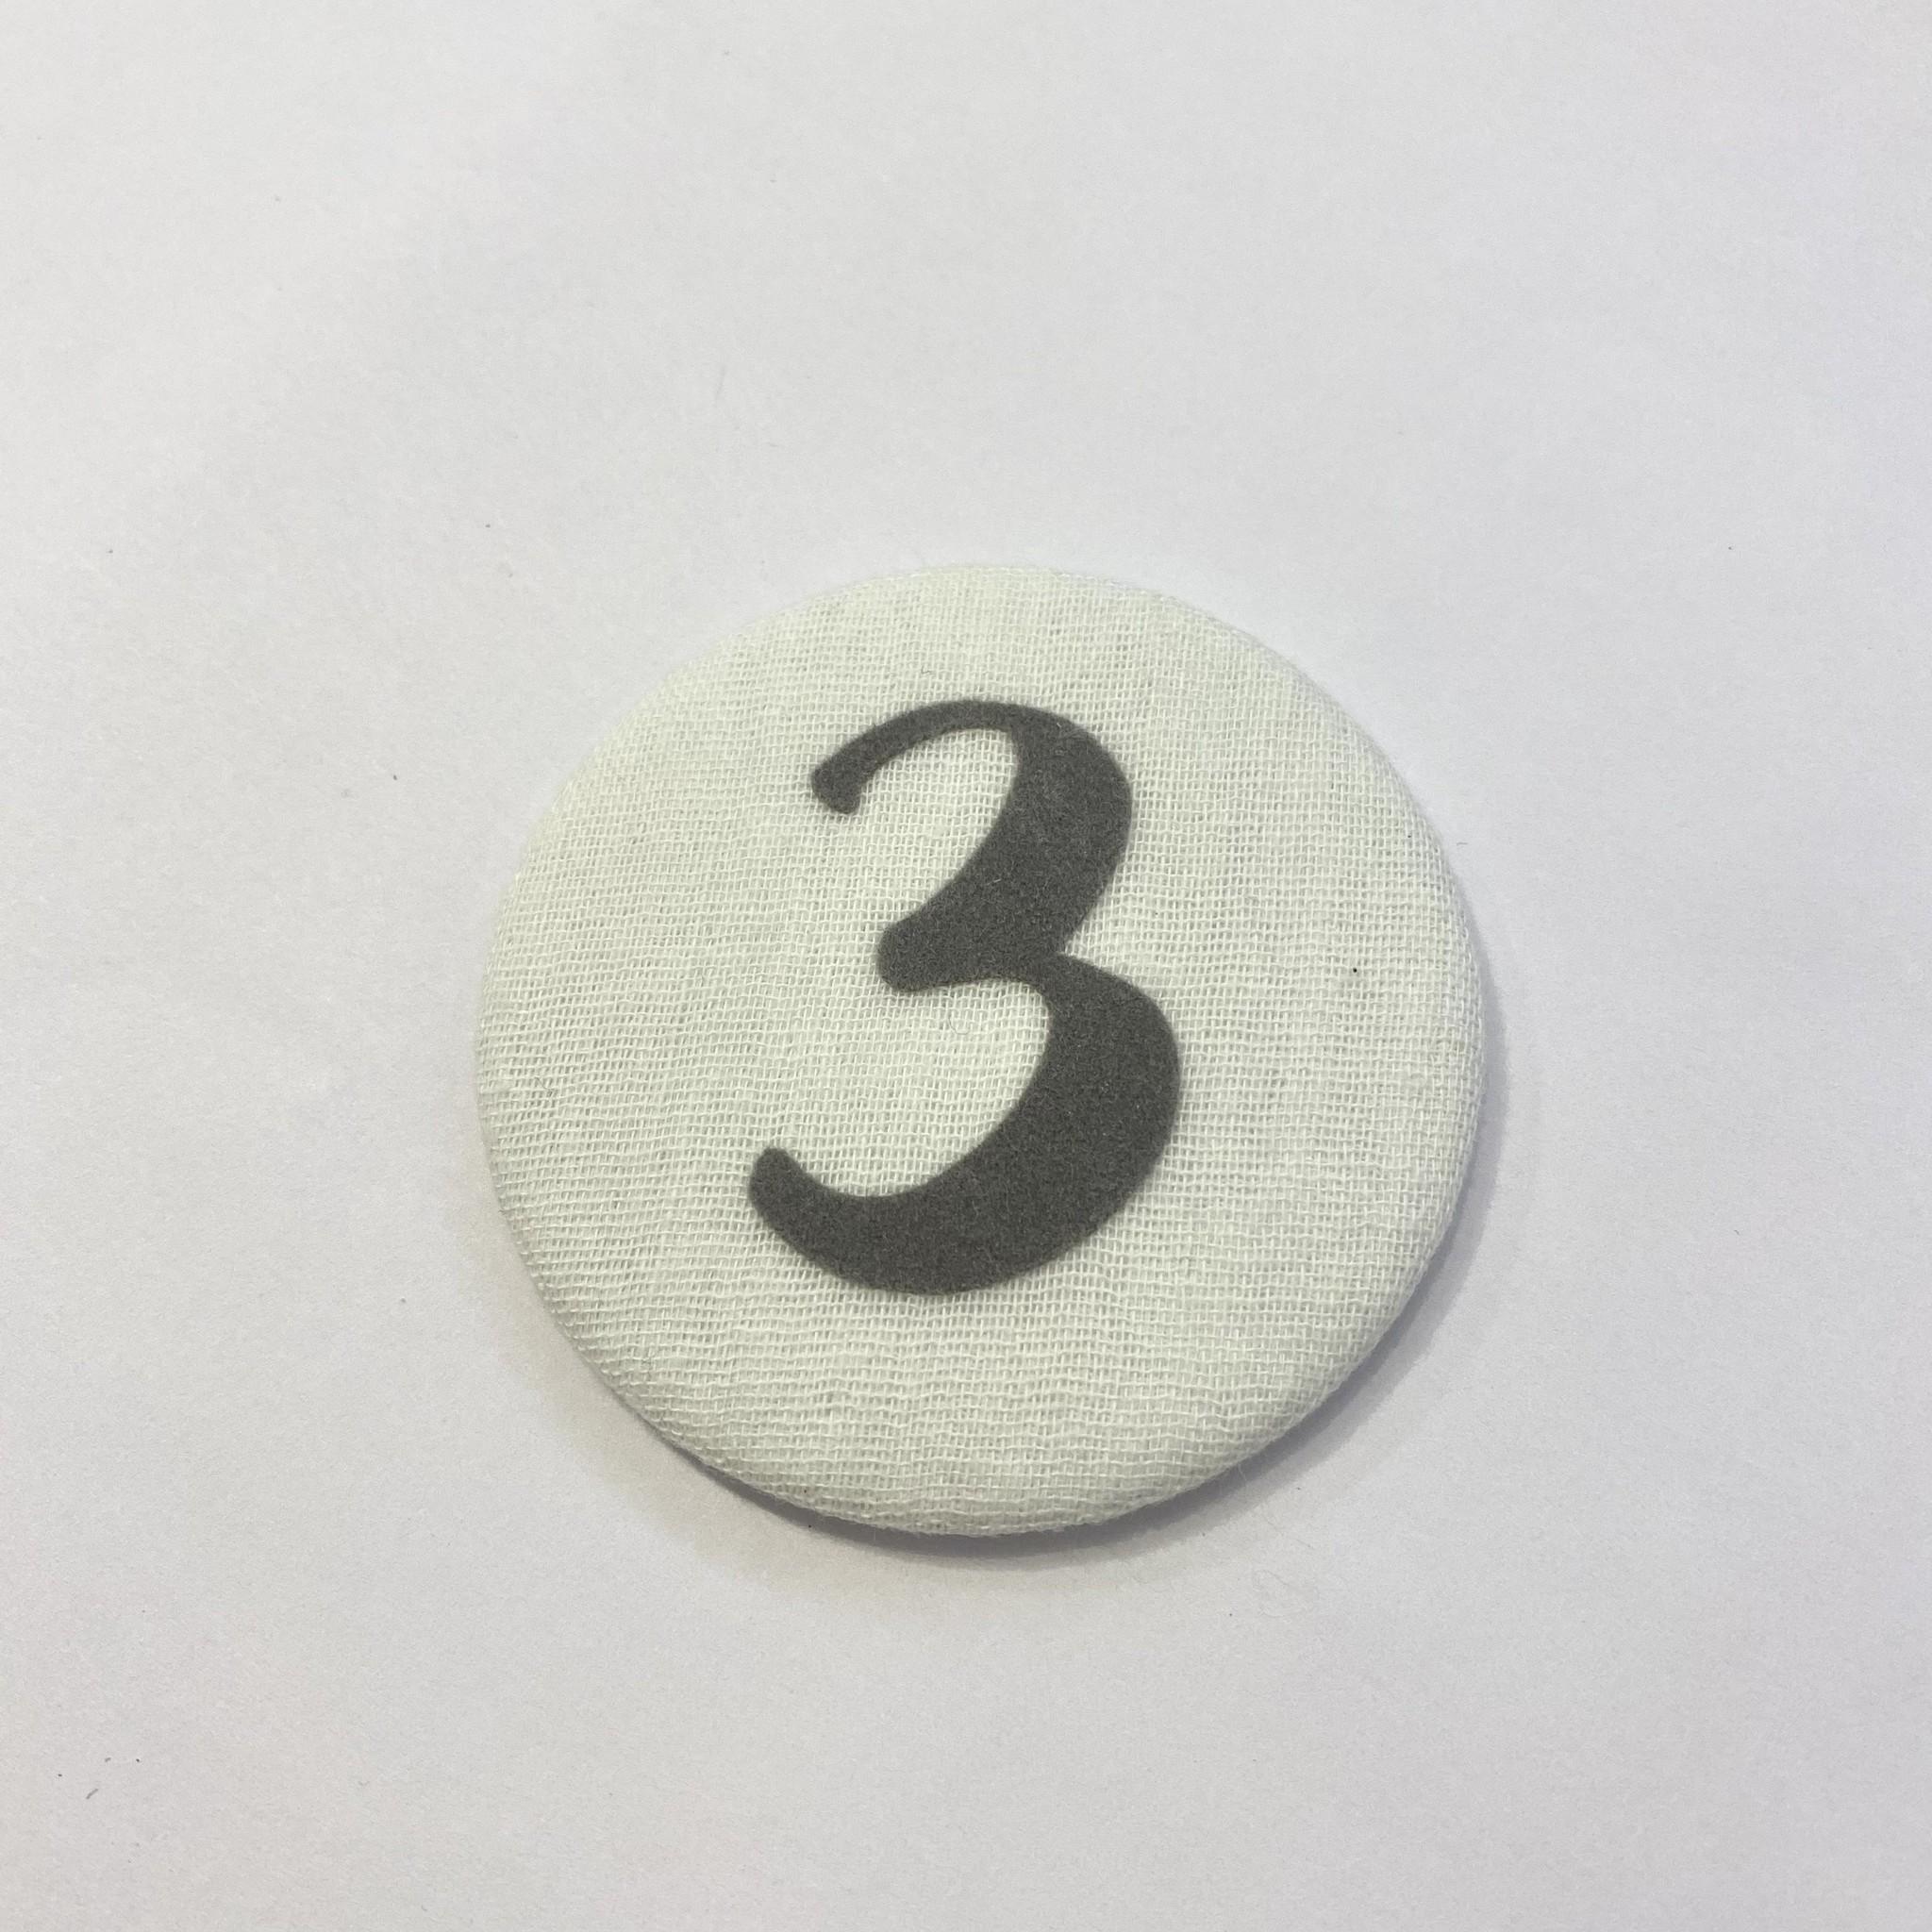 Cijferknop 3 Grijs - Liezelijn-1